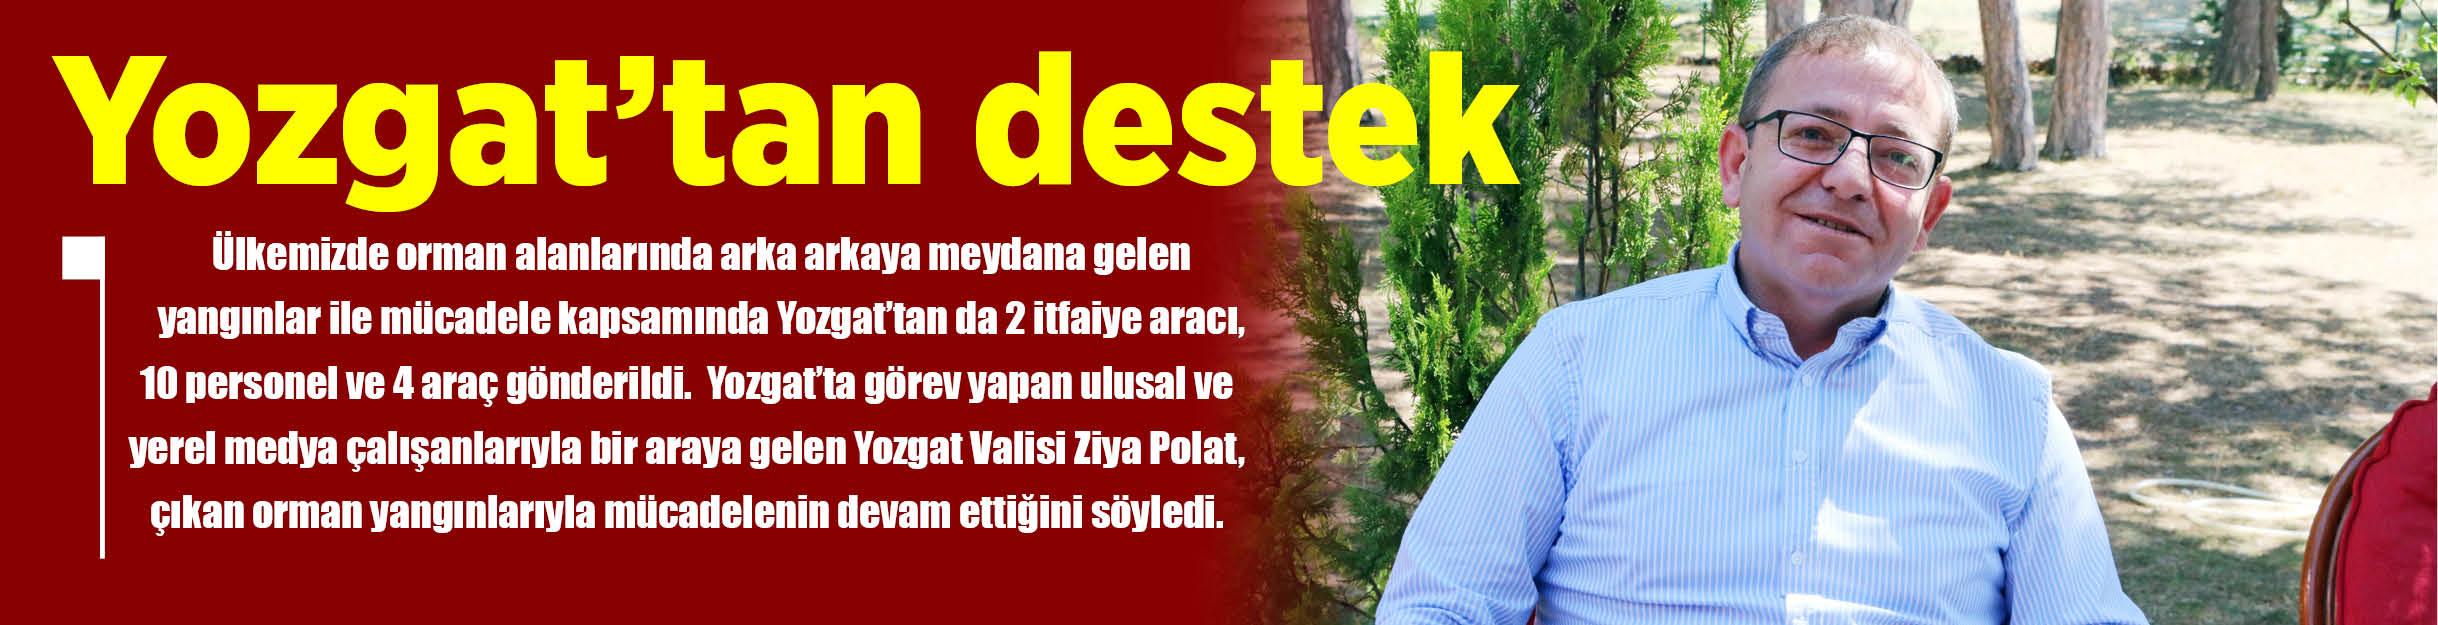 Orman yangınlarına Yozgat'tan destek